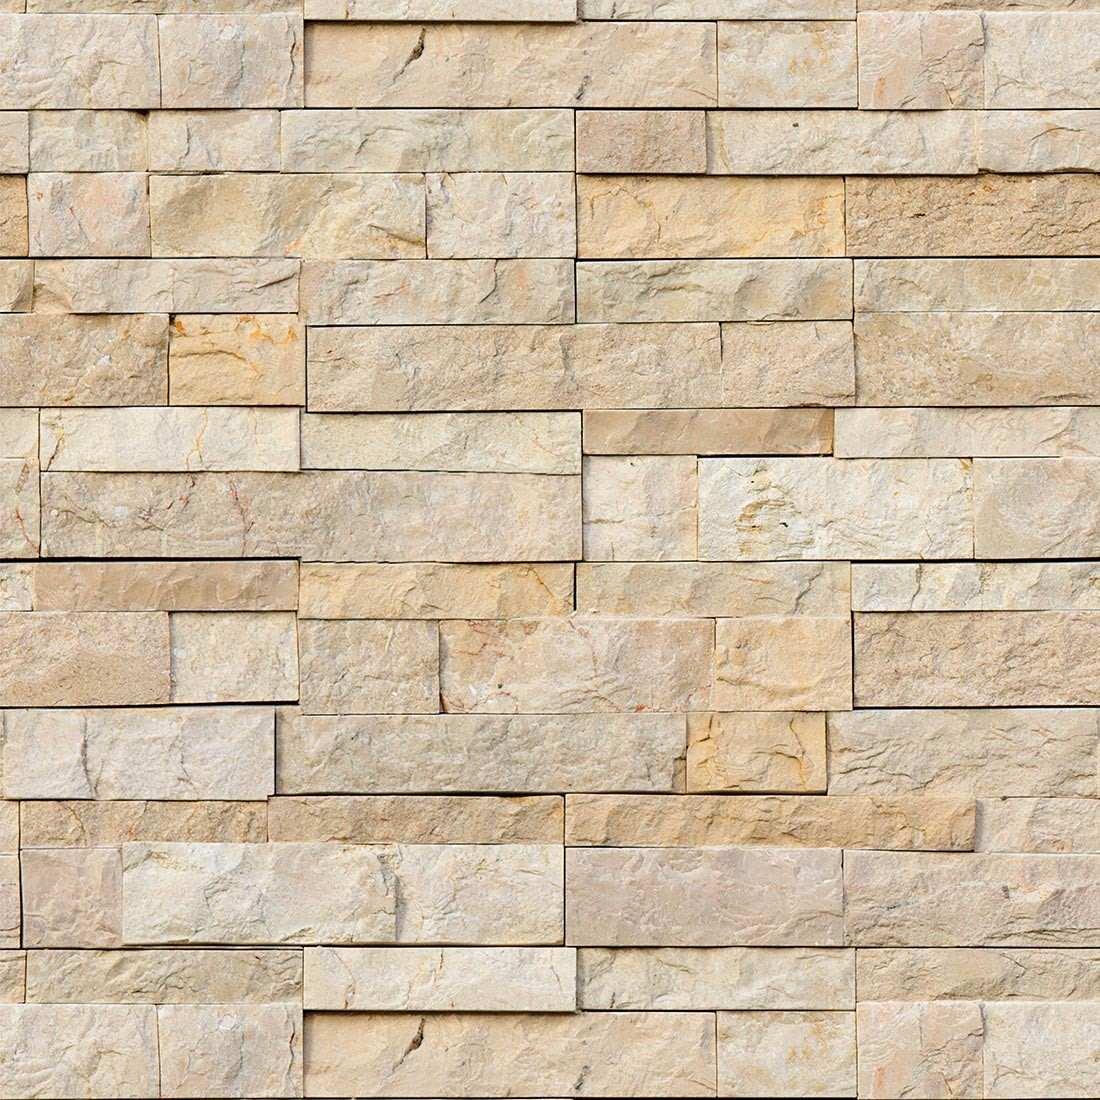 Papel de parede pedra canjiquinha lav vel vin l 3 10m r - Cenefas de papel para paredes ...